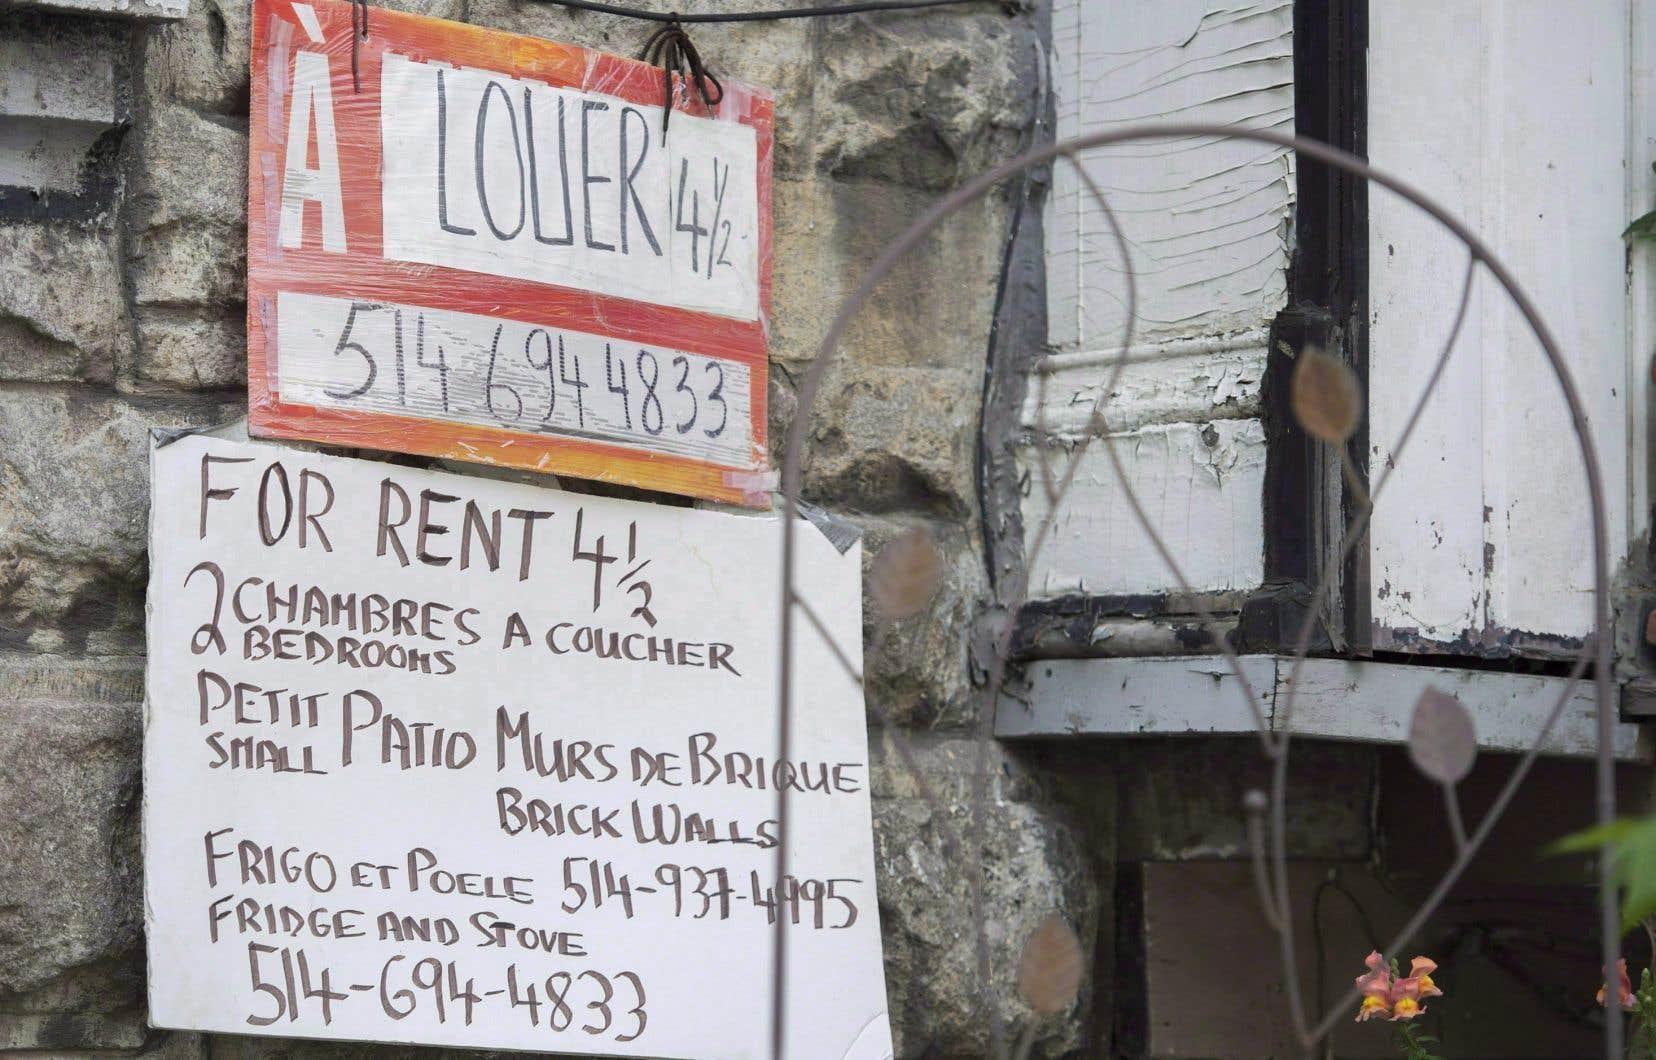 Au cours des derniers mois, la Ville de Montréal amis en place un plan de rénovation des immeubles vieillissants et promis la création de 12000 logements sociaux et abordables d'ici 2021.